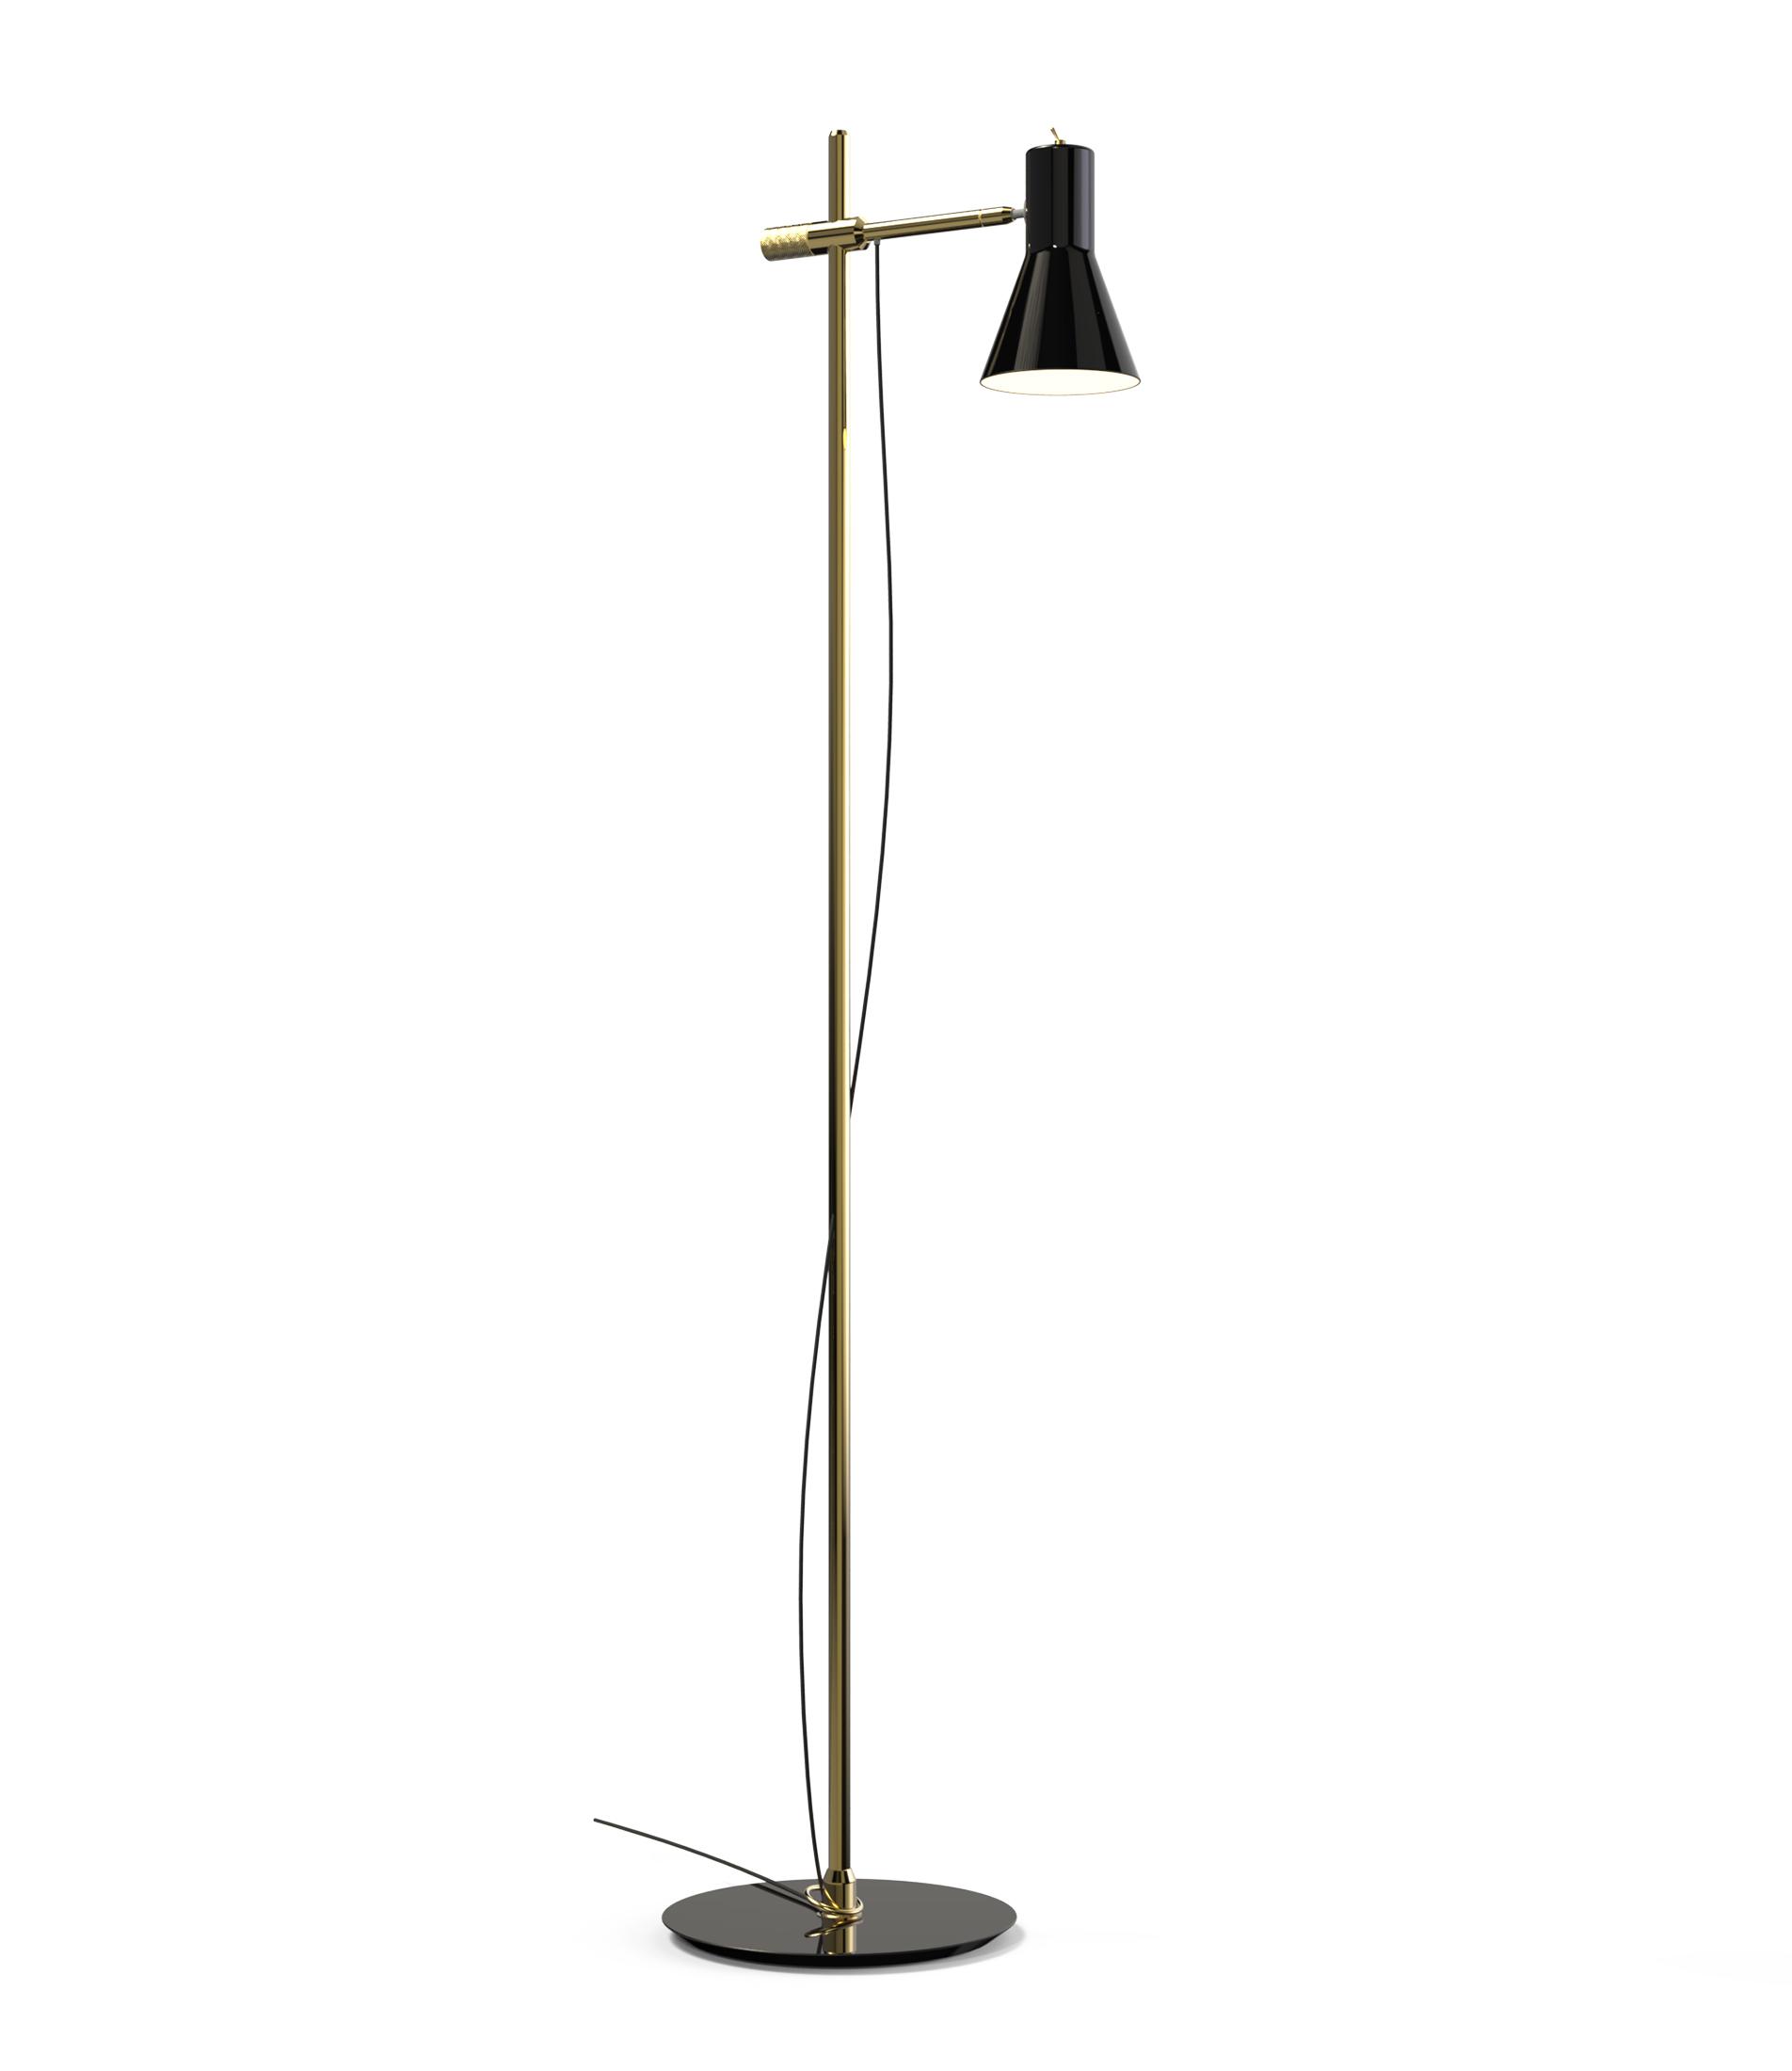 bright lamps modern mid vandijkmc of full design bronze arc size floor lamp walmart ebay century